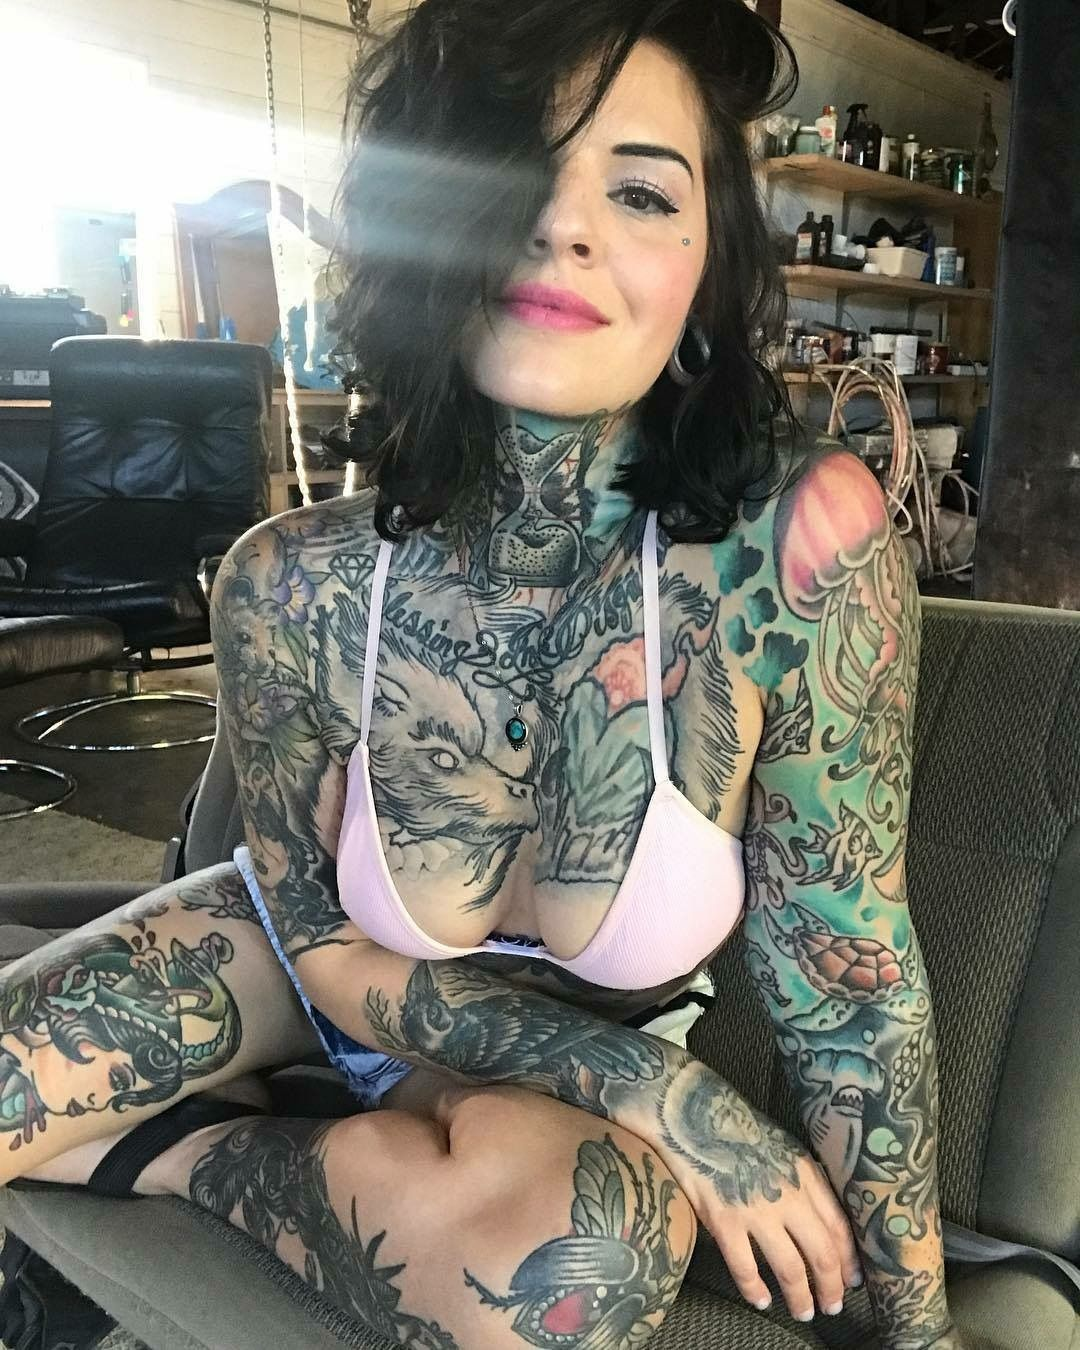 Pin Von Ryan White Auf Tattoos Mit Bildern  Heie -3390